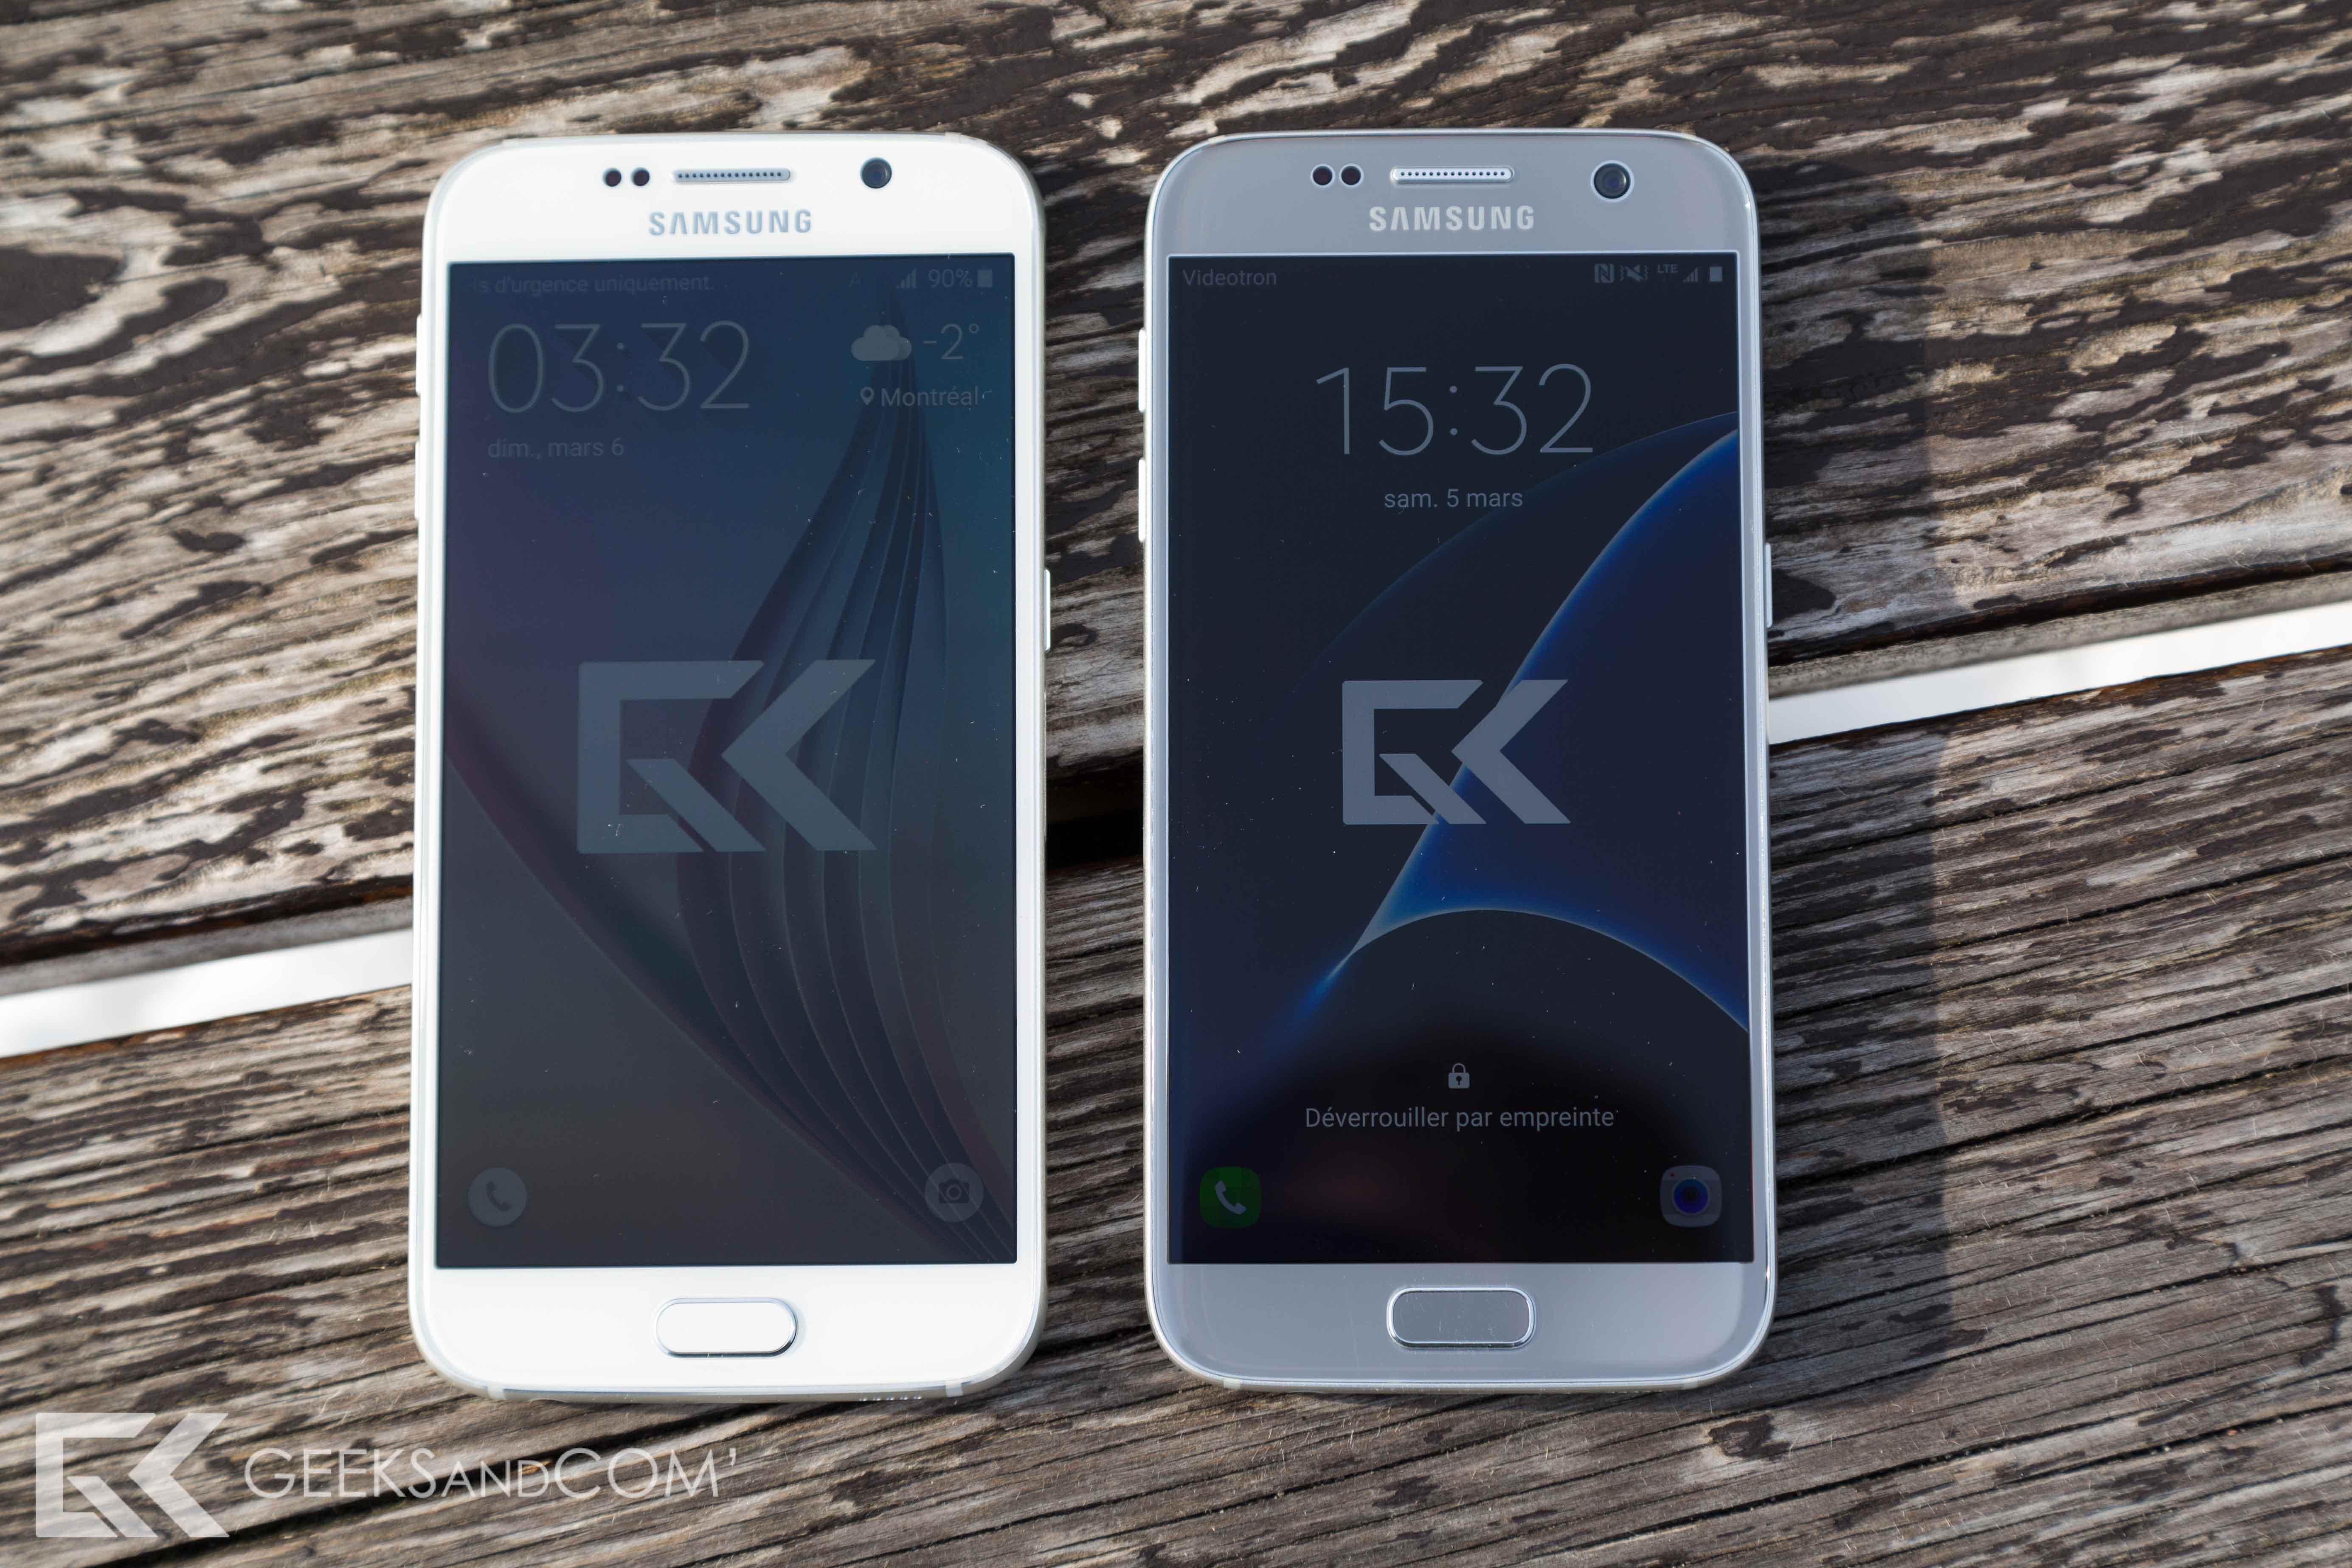 Samsung Galaxy S6 (à gauche) vs Samsung Galaxy S7 (à droite)